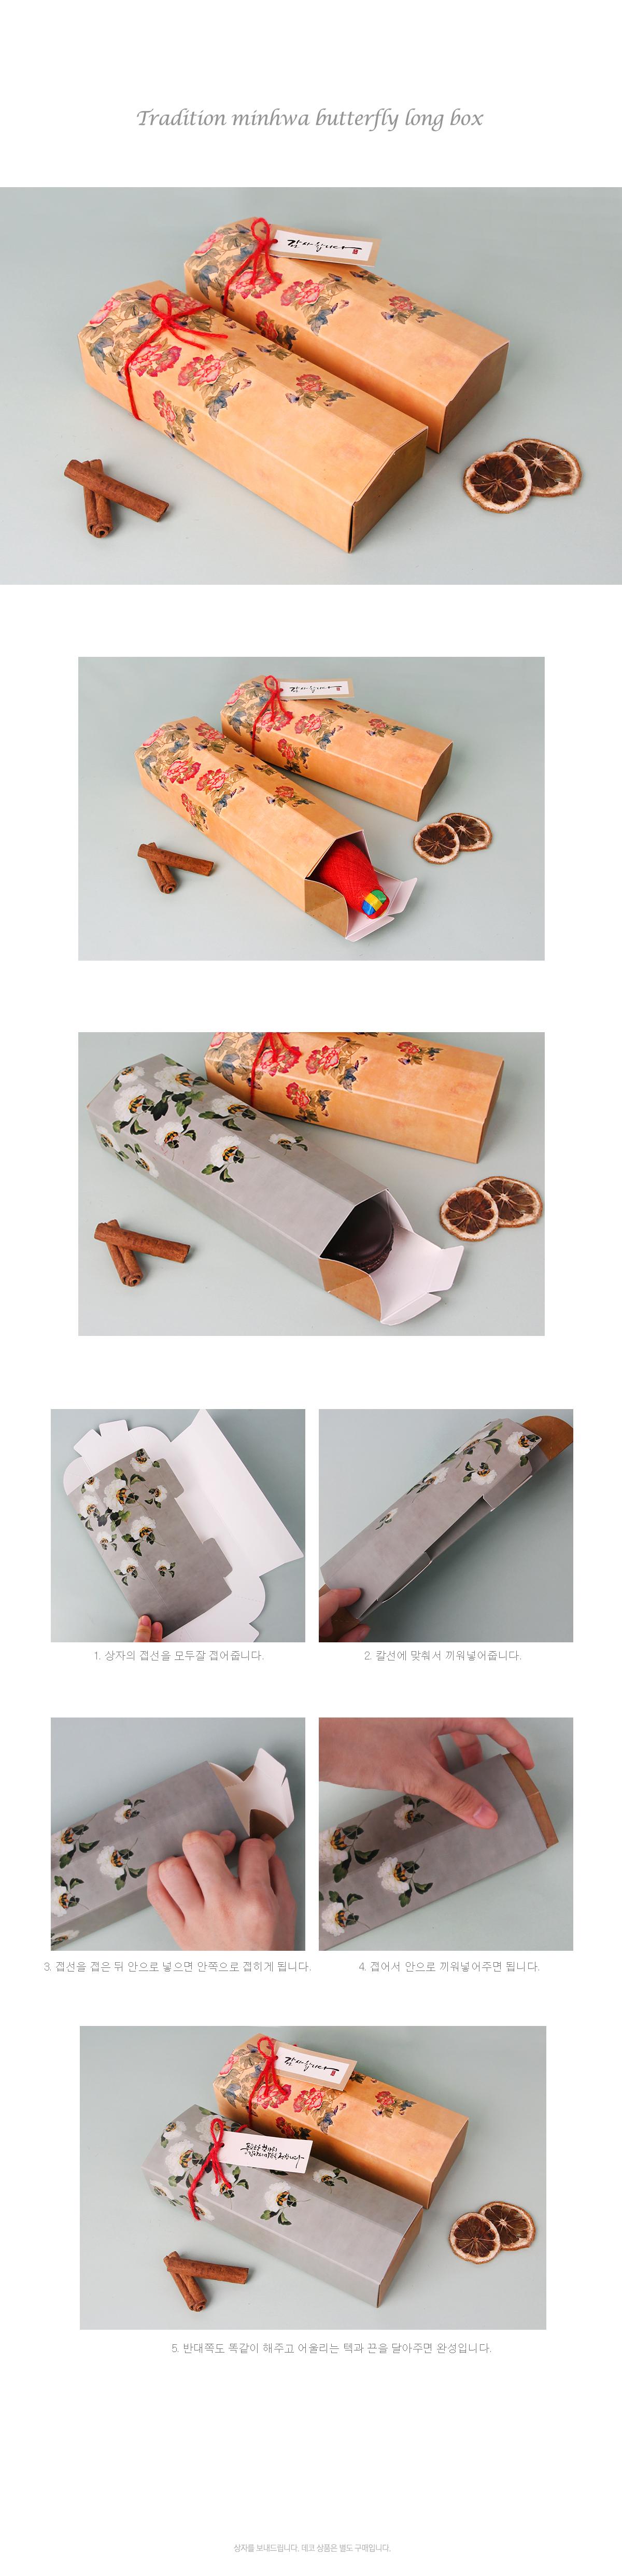 전통민화 나비 기다란 상자 (2개) - 인디고샵, 1,600원, 상자/케이스, 심플